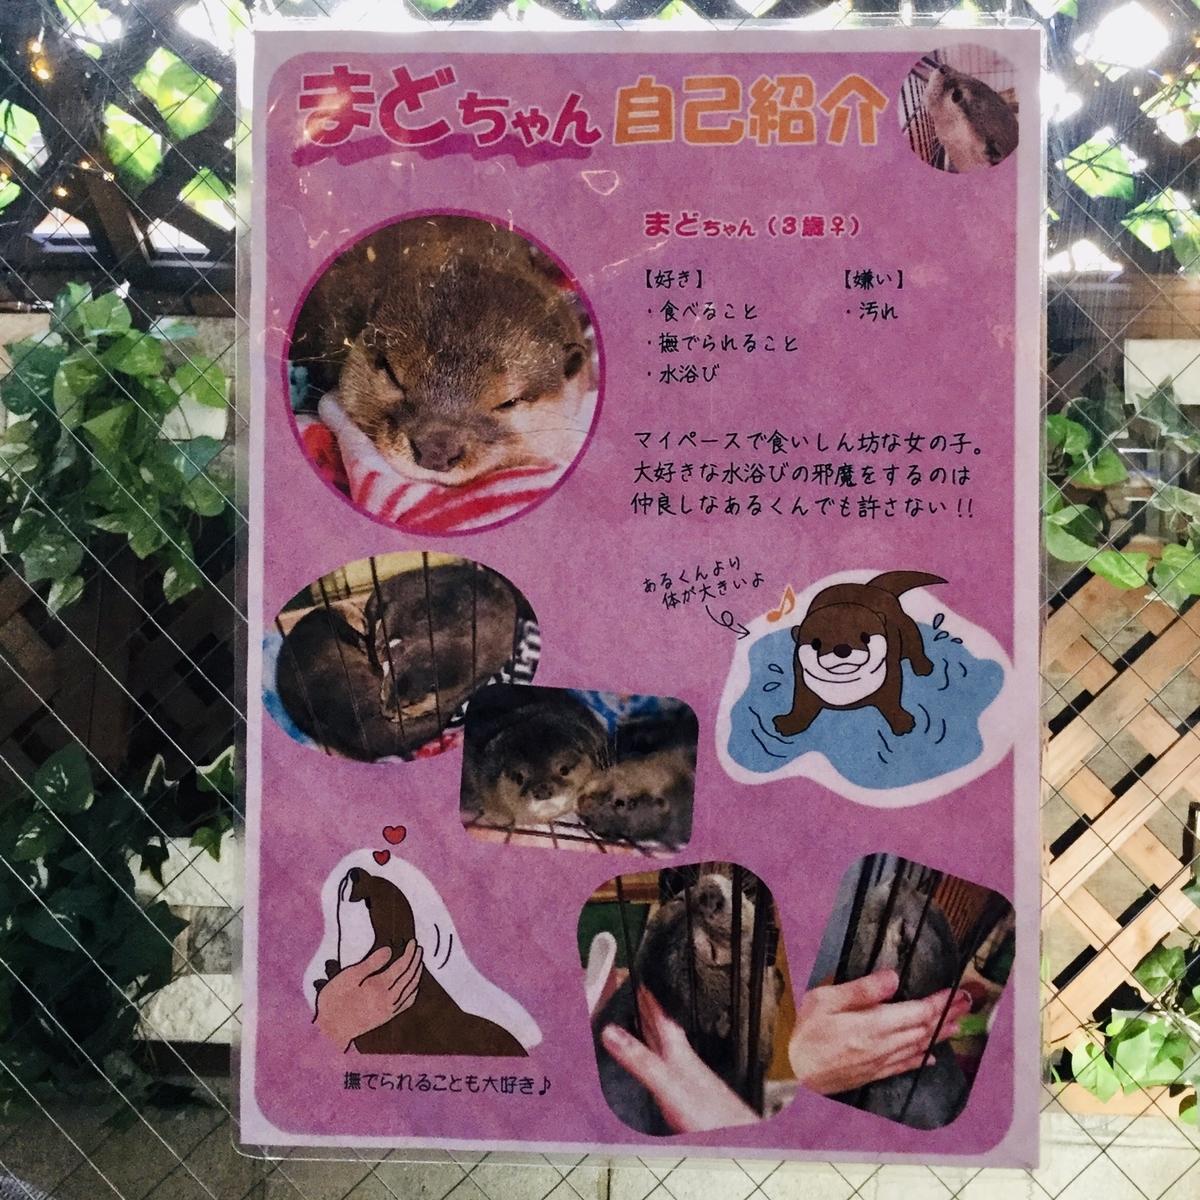 f:id:yumeusagiyukiusagi:20200109233719j:plain